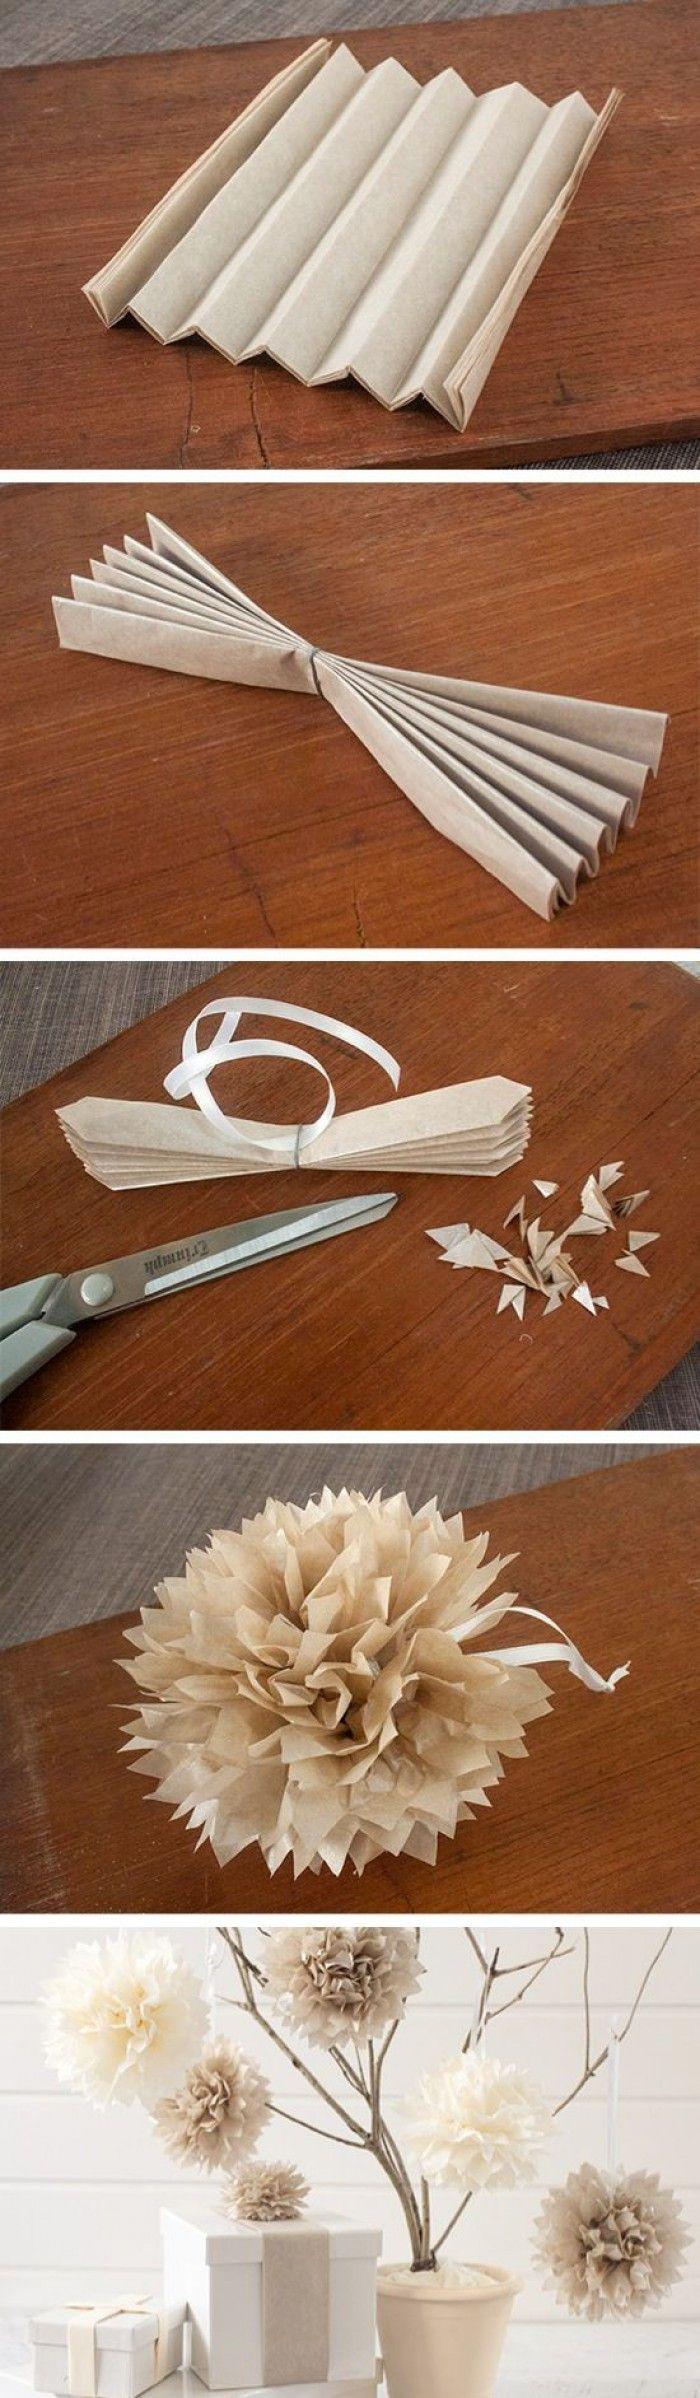 Tipp: auch mit Servietten möglich